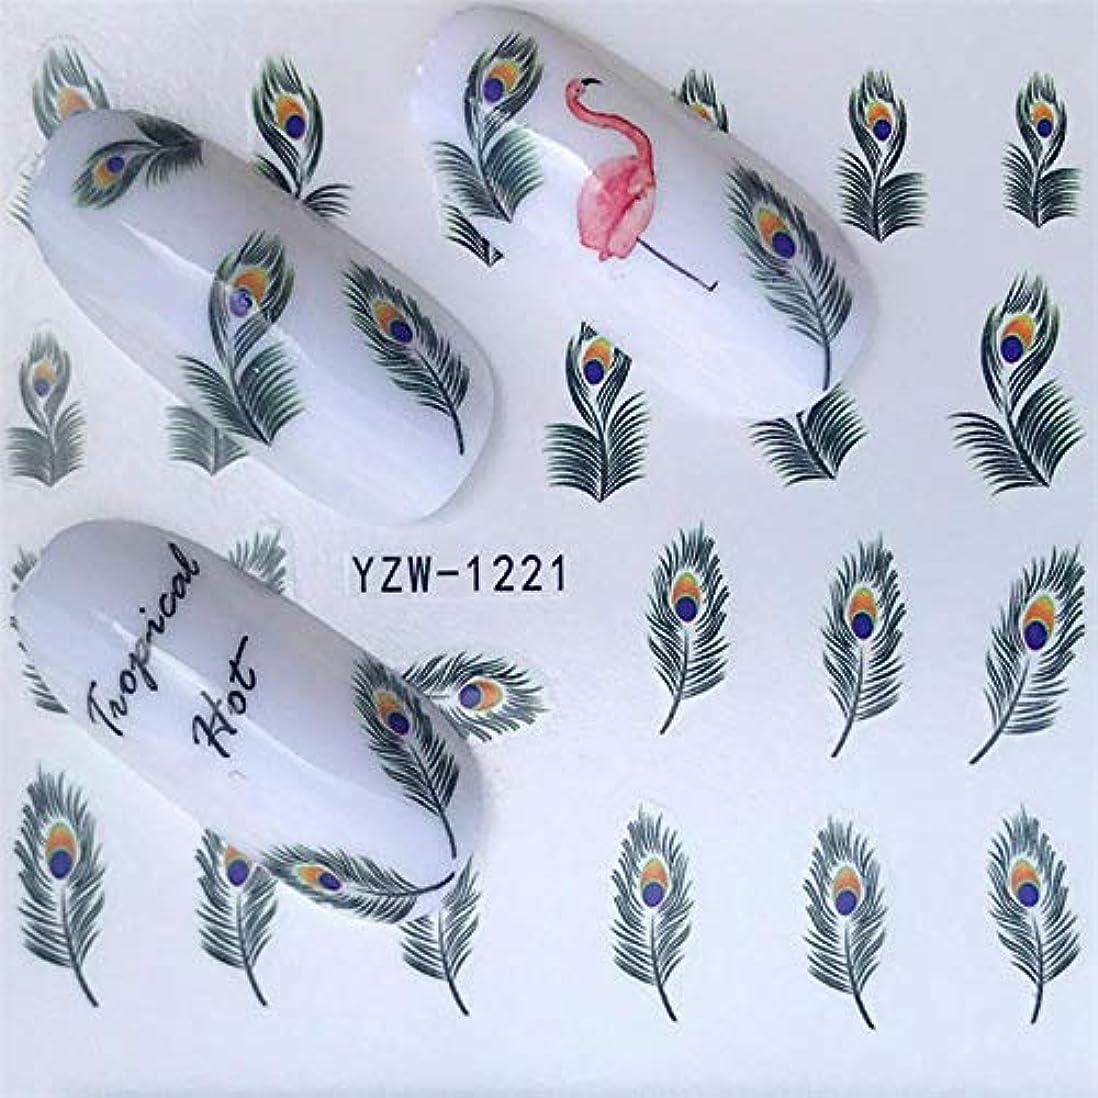 いわゆる悪意のある症候群SUKTI&XIAO ネイルステッカー 32デザインネイルアートステッカー混合ユニコーン水転写ネイルデカール動物マニキュアスライダー、Yzw-1221